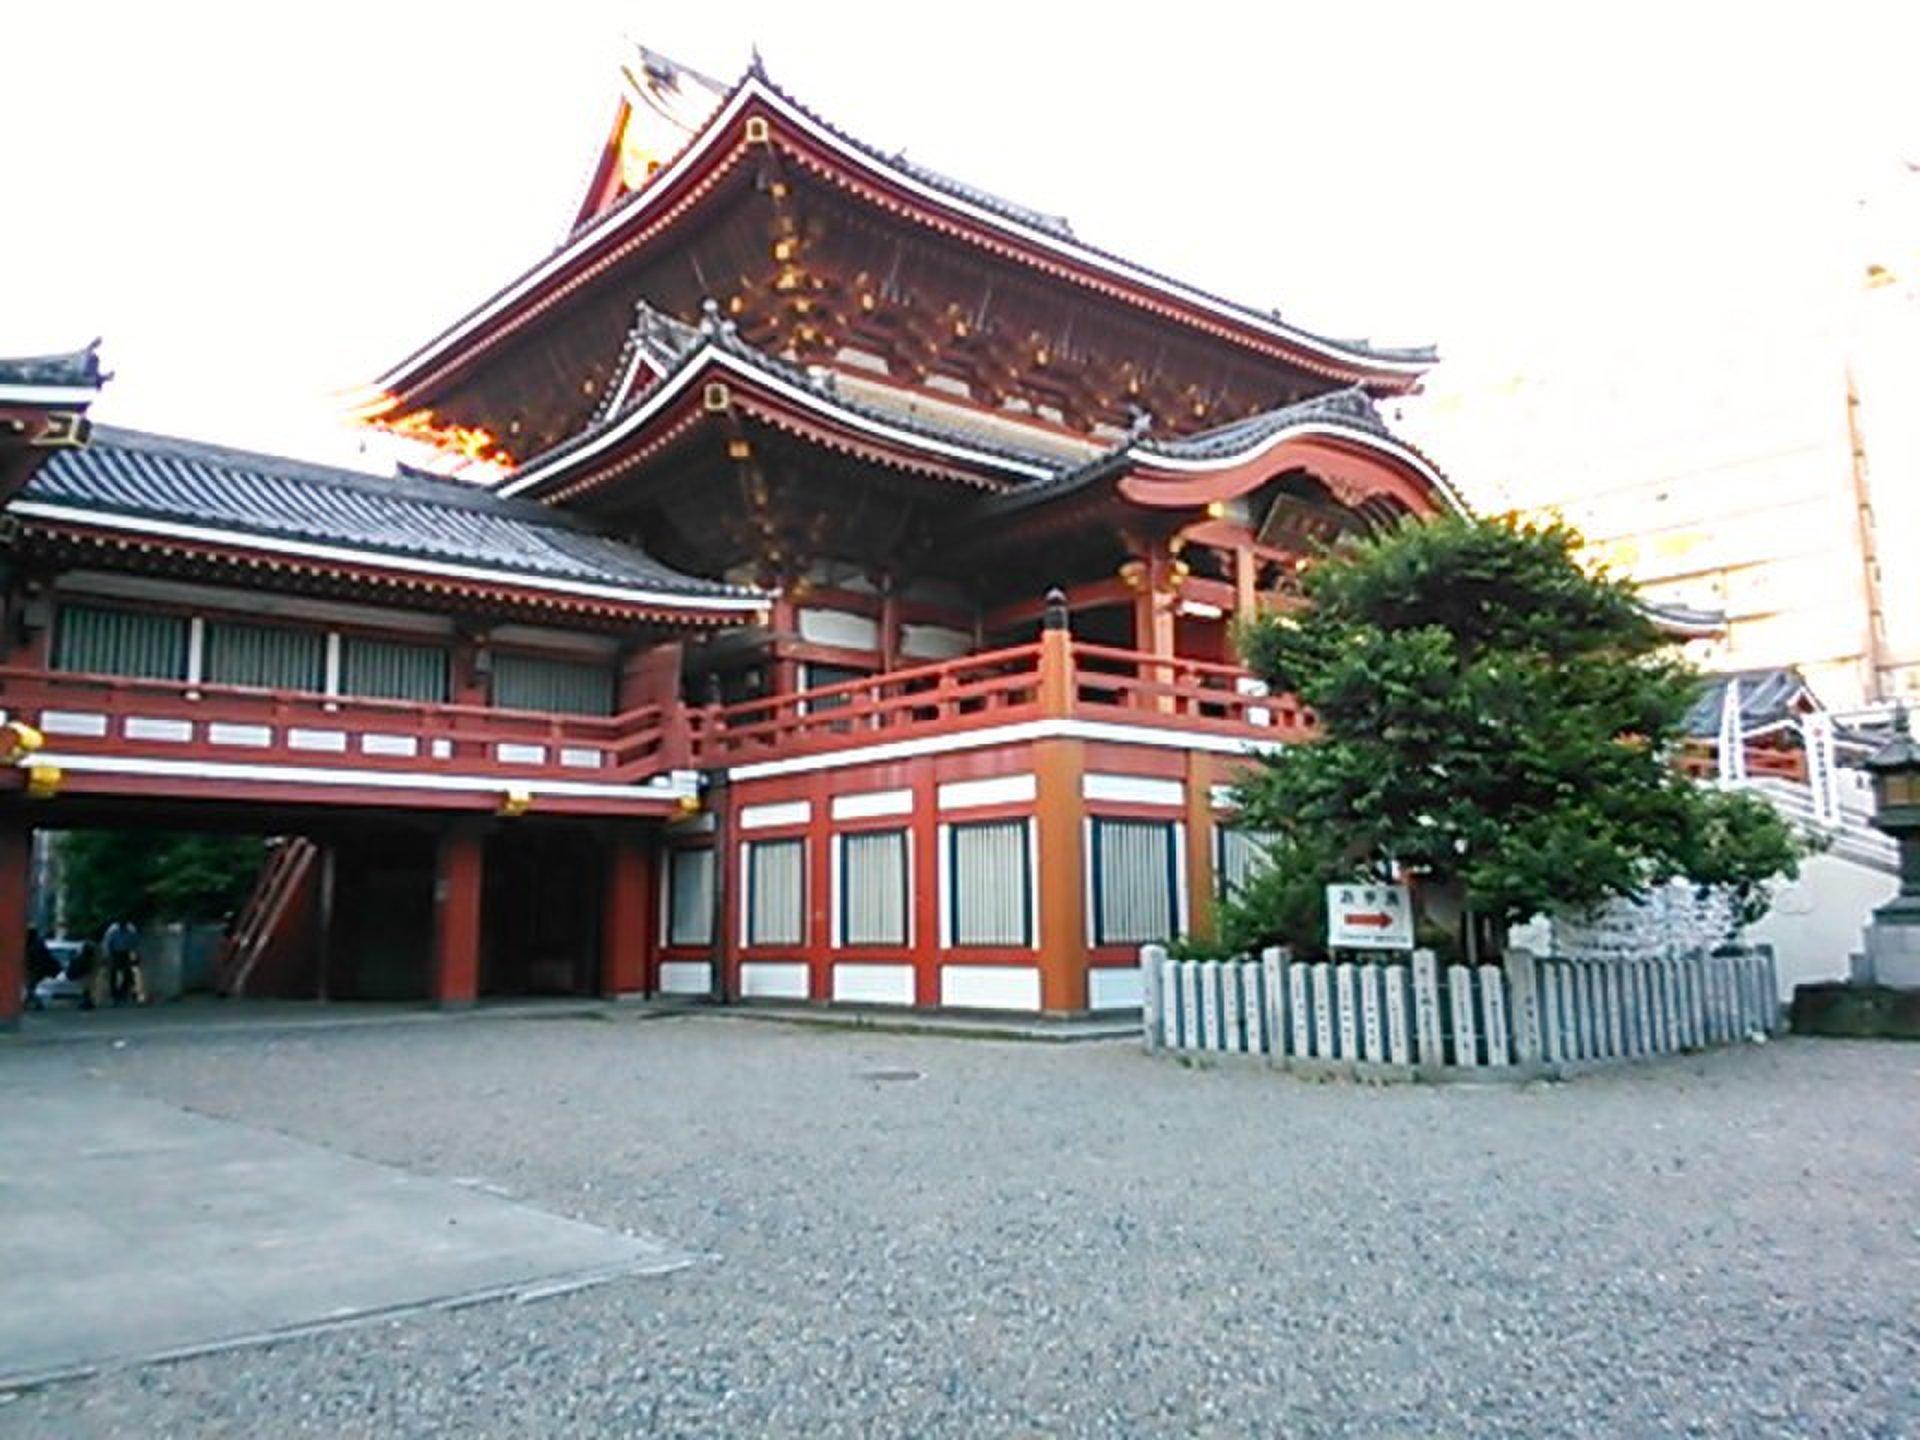 名古屋☆楽しい食べ歩き大須観音♪何でもあり・・・びっくりしますよ~